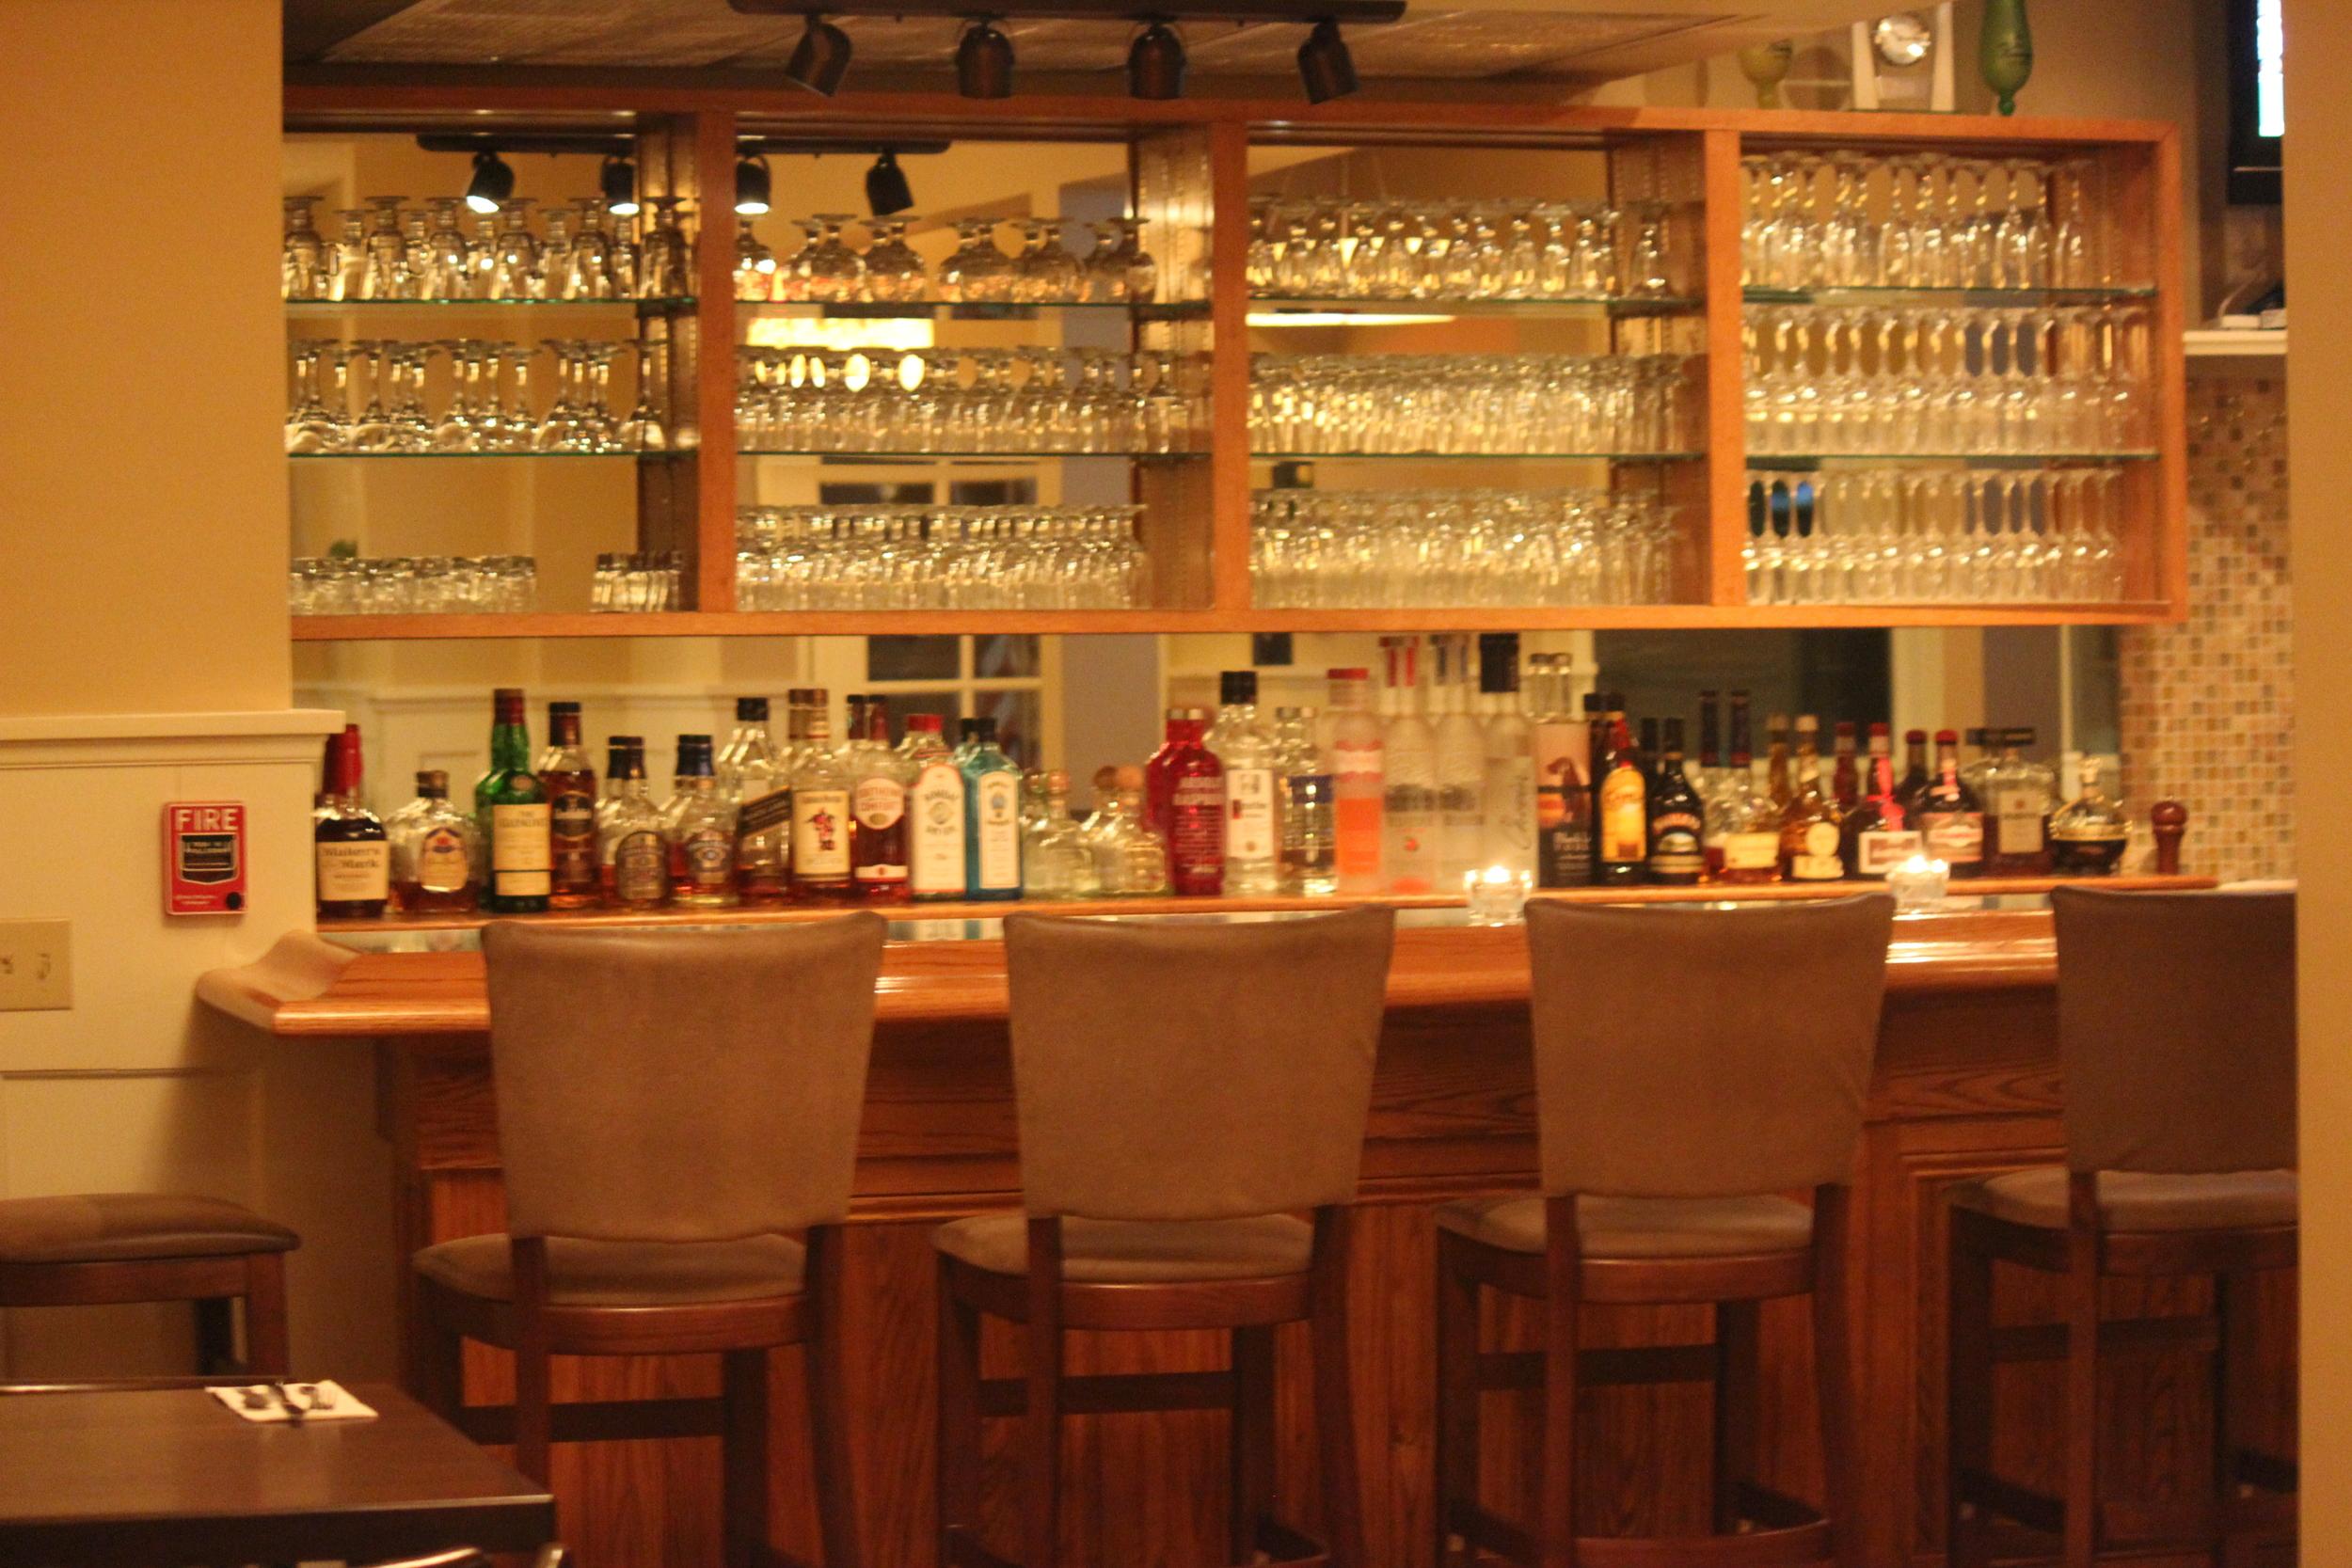 We have a  full bar  here at Rhea's as well as a quality wine and craft beer menu.